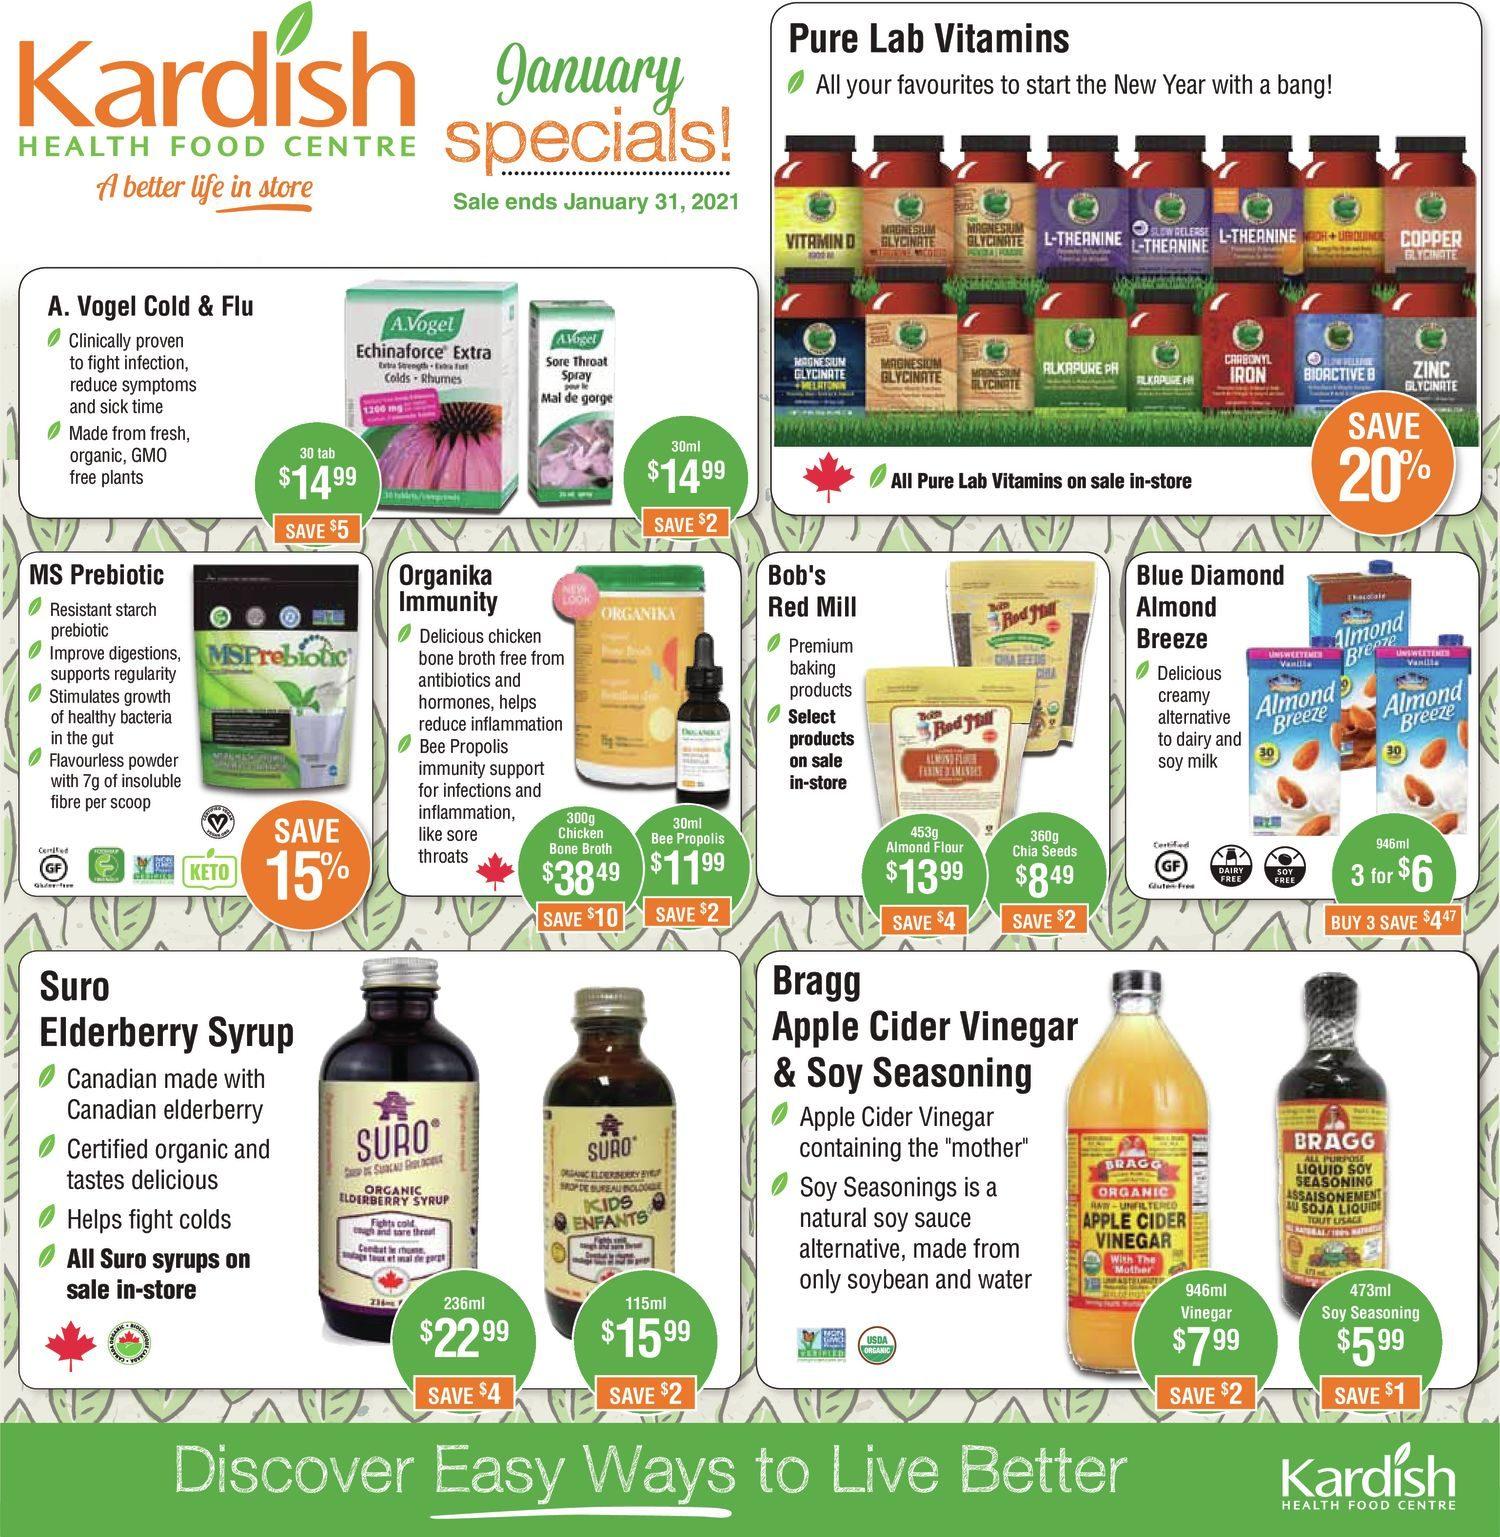 Kardish - January Specials!